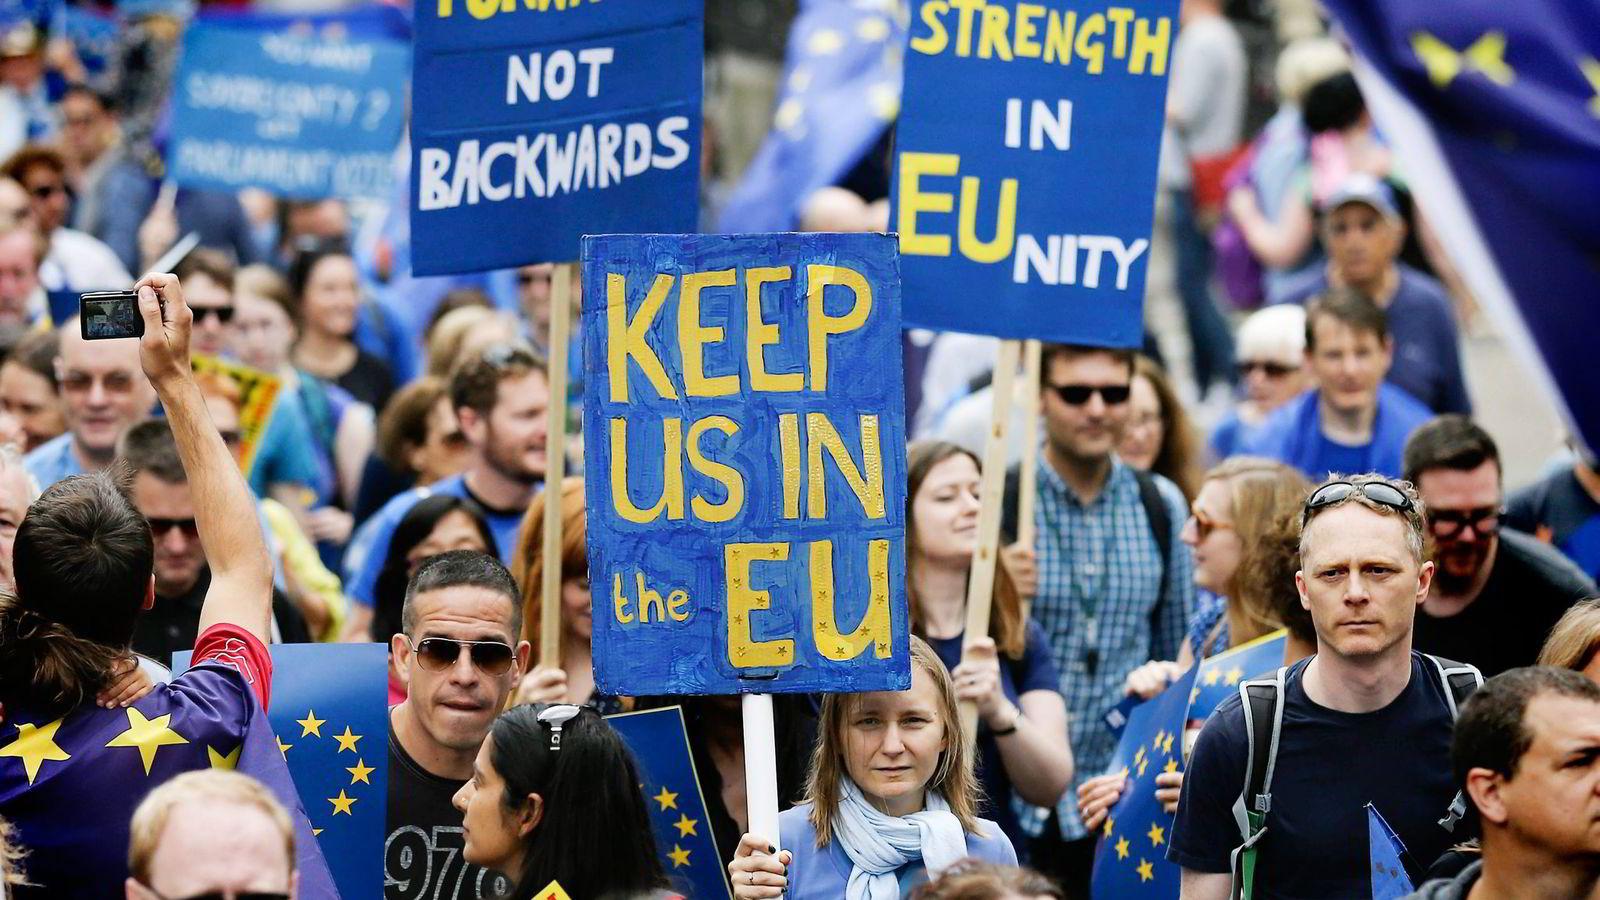 EØS kan ikke utelukkes som et mulig politisk kompromiss for britene, skriver Ulf Sverdrup. Bildet viser en pro-EU-demonstrasjon i London 3. september. Foto: Justin Tallis/AFP/NTB Scanpix